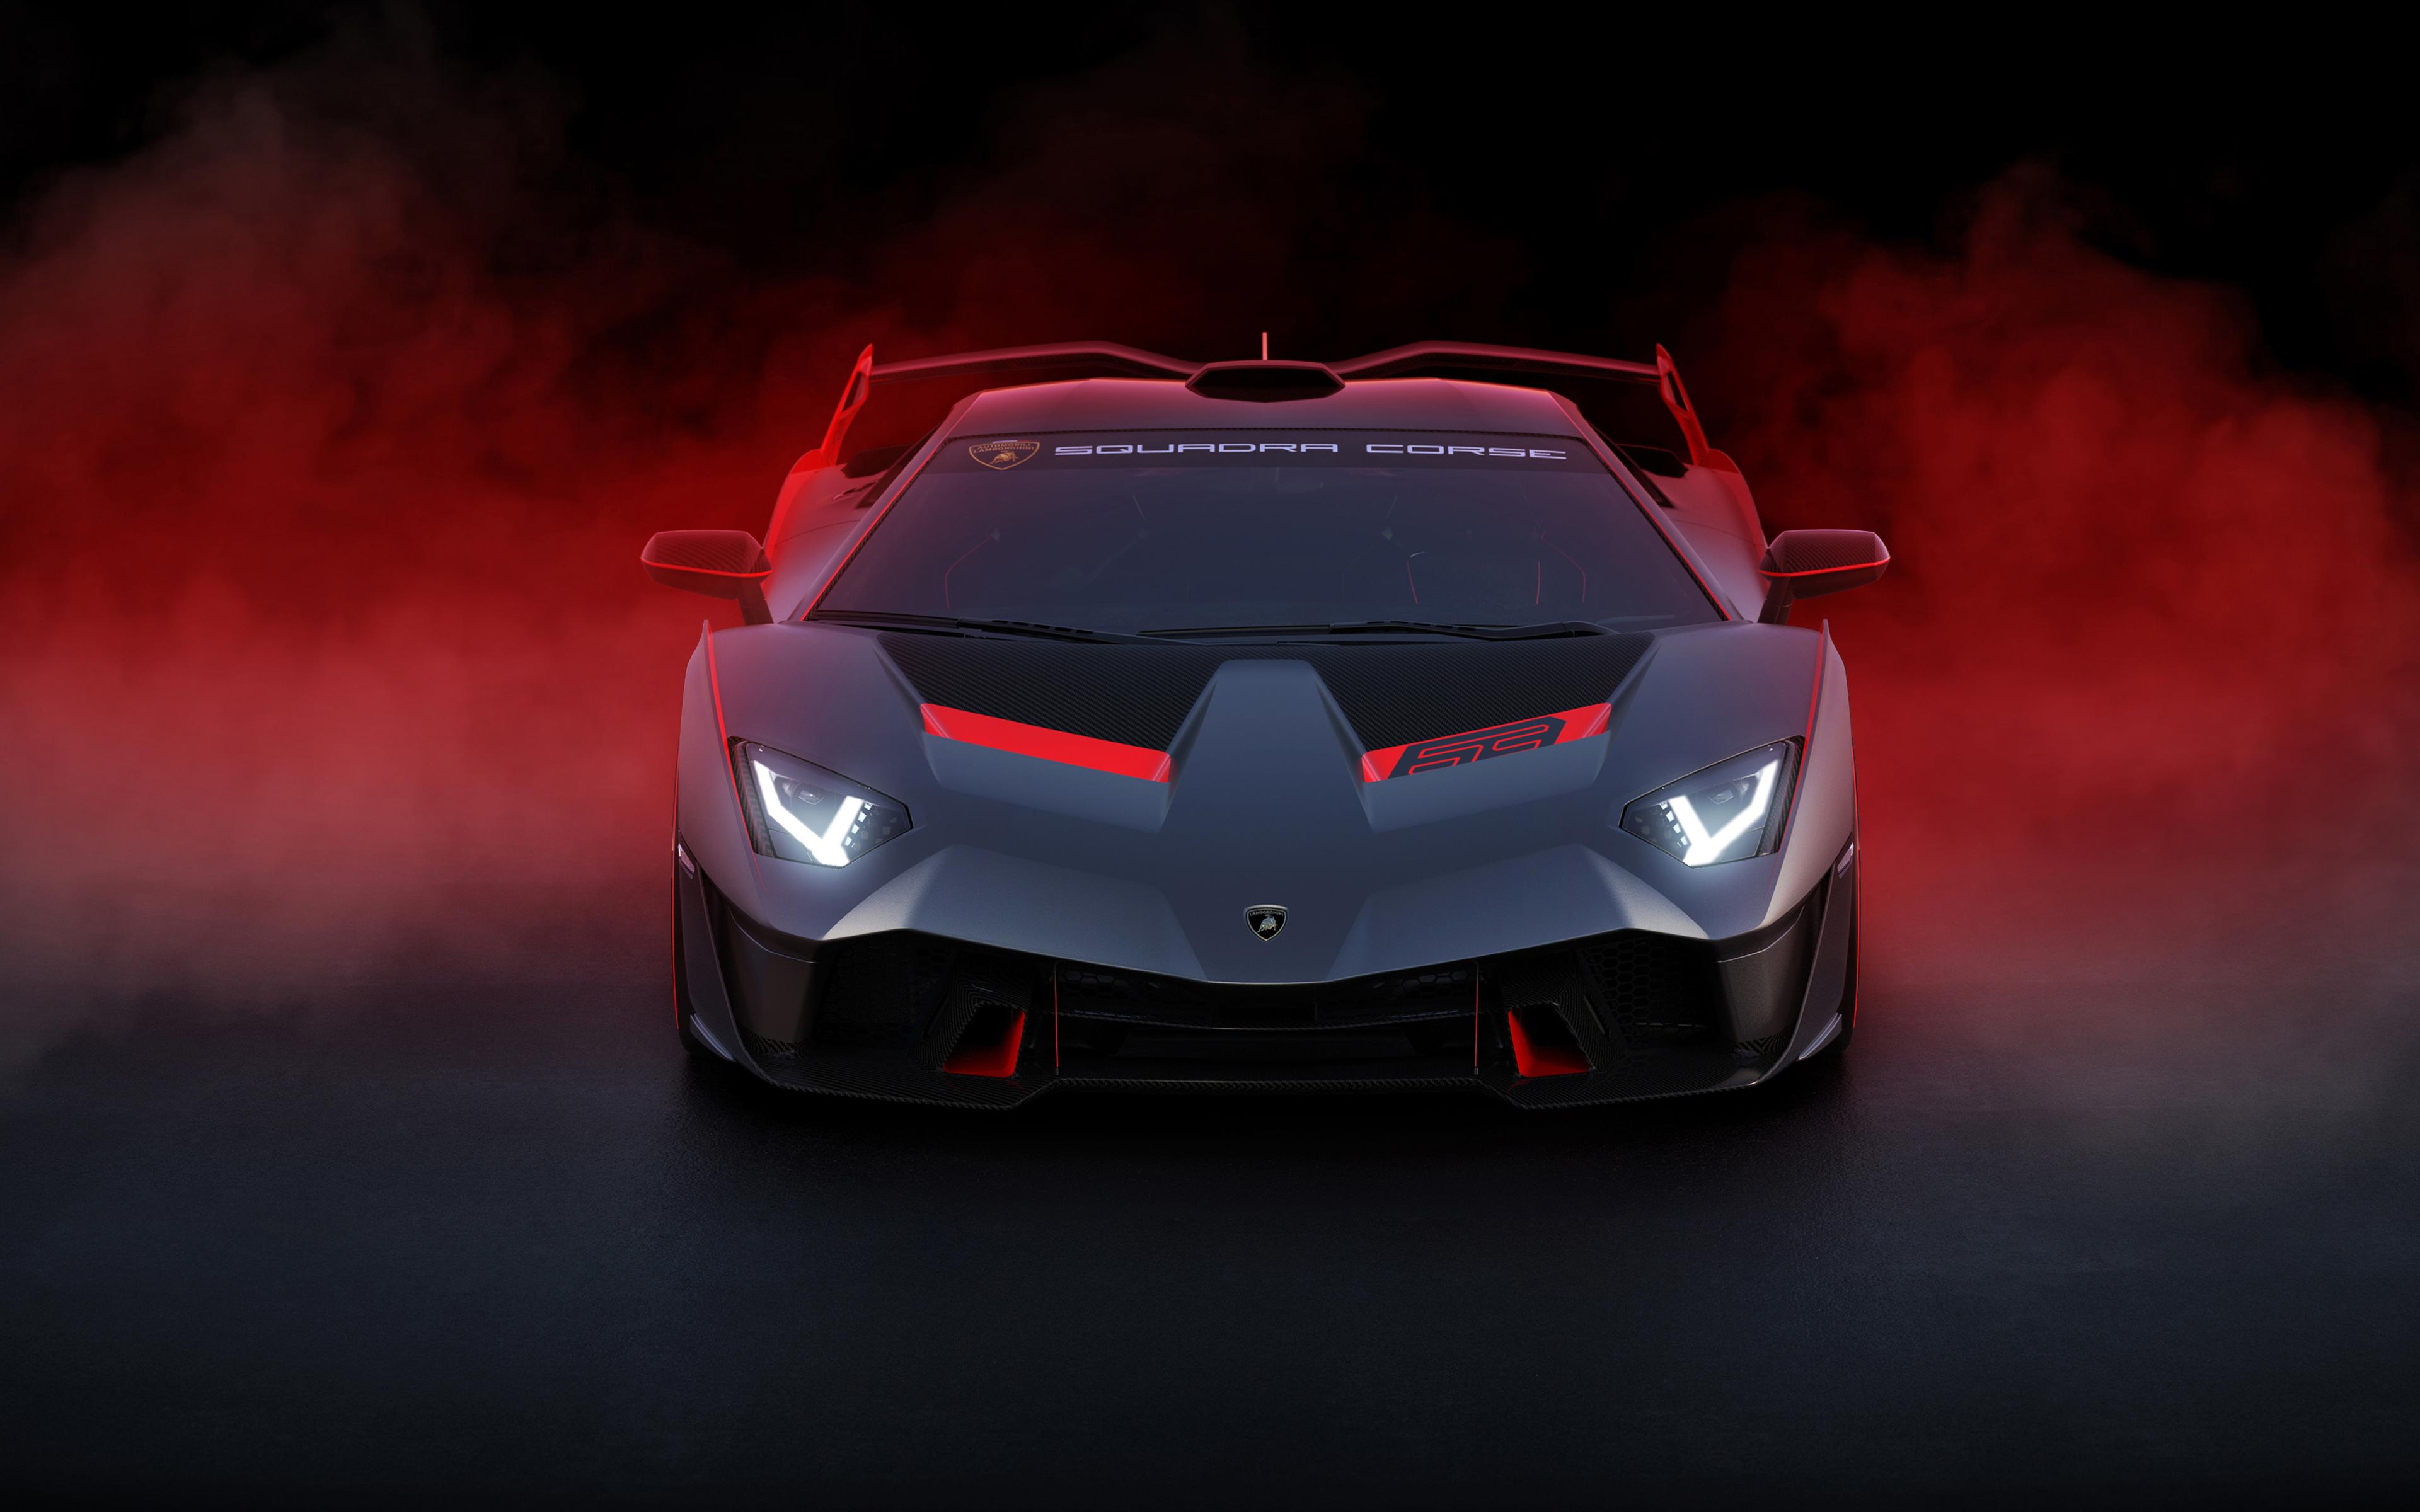 lamborghini sc18 2018 front zm 3840x2400 - Lamborghini SC18 Alston  front view 4K - Lamborghini SC18 hd 4k wallpapers, Lamborghini SC18 front view 4k, Lamborghini SC18 2018 wallpapers hd 4k